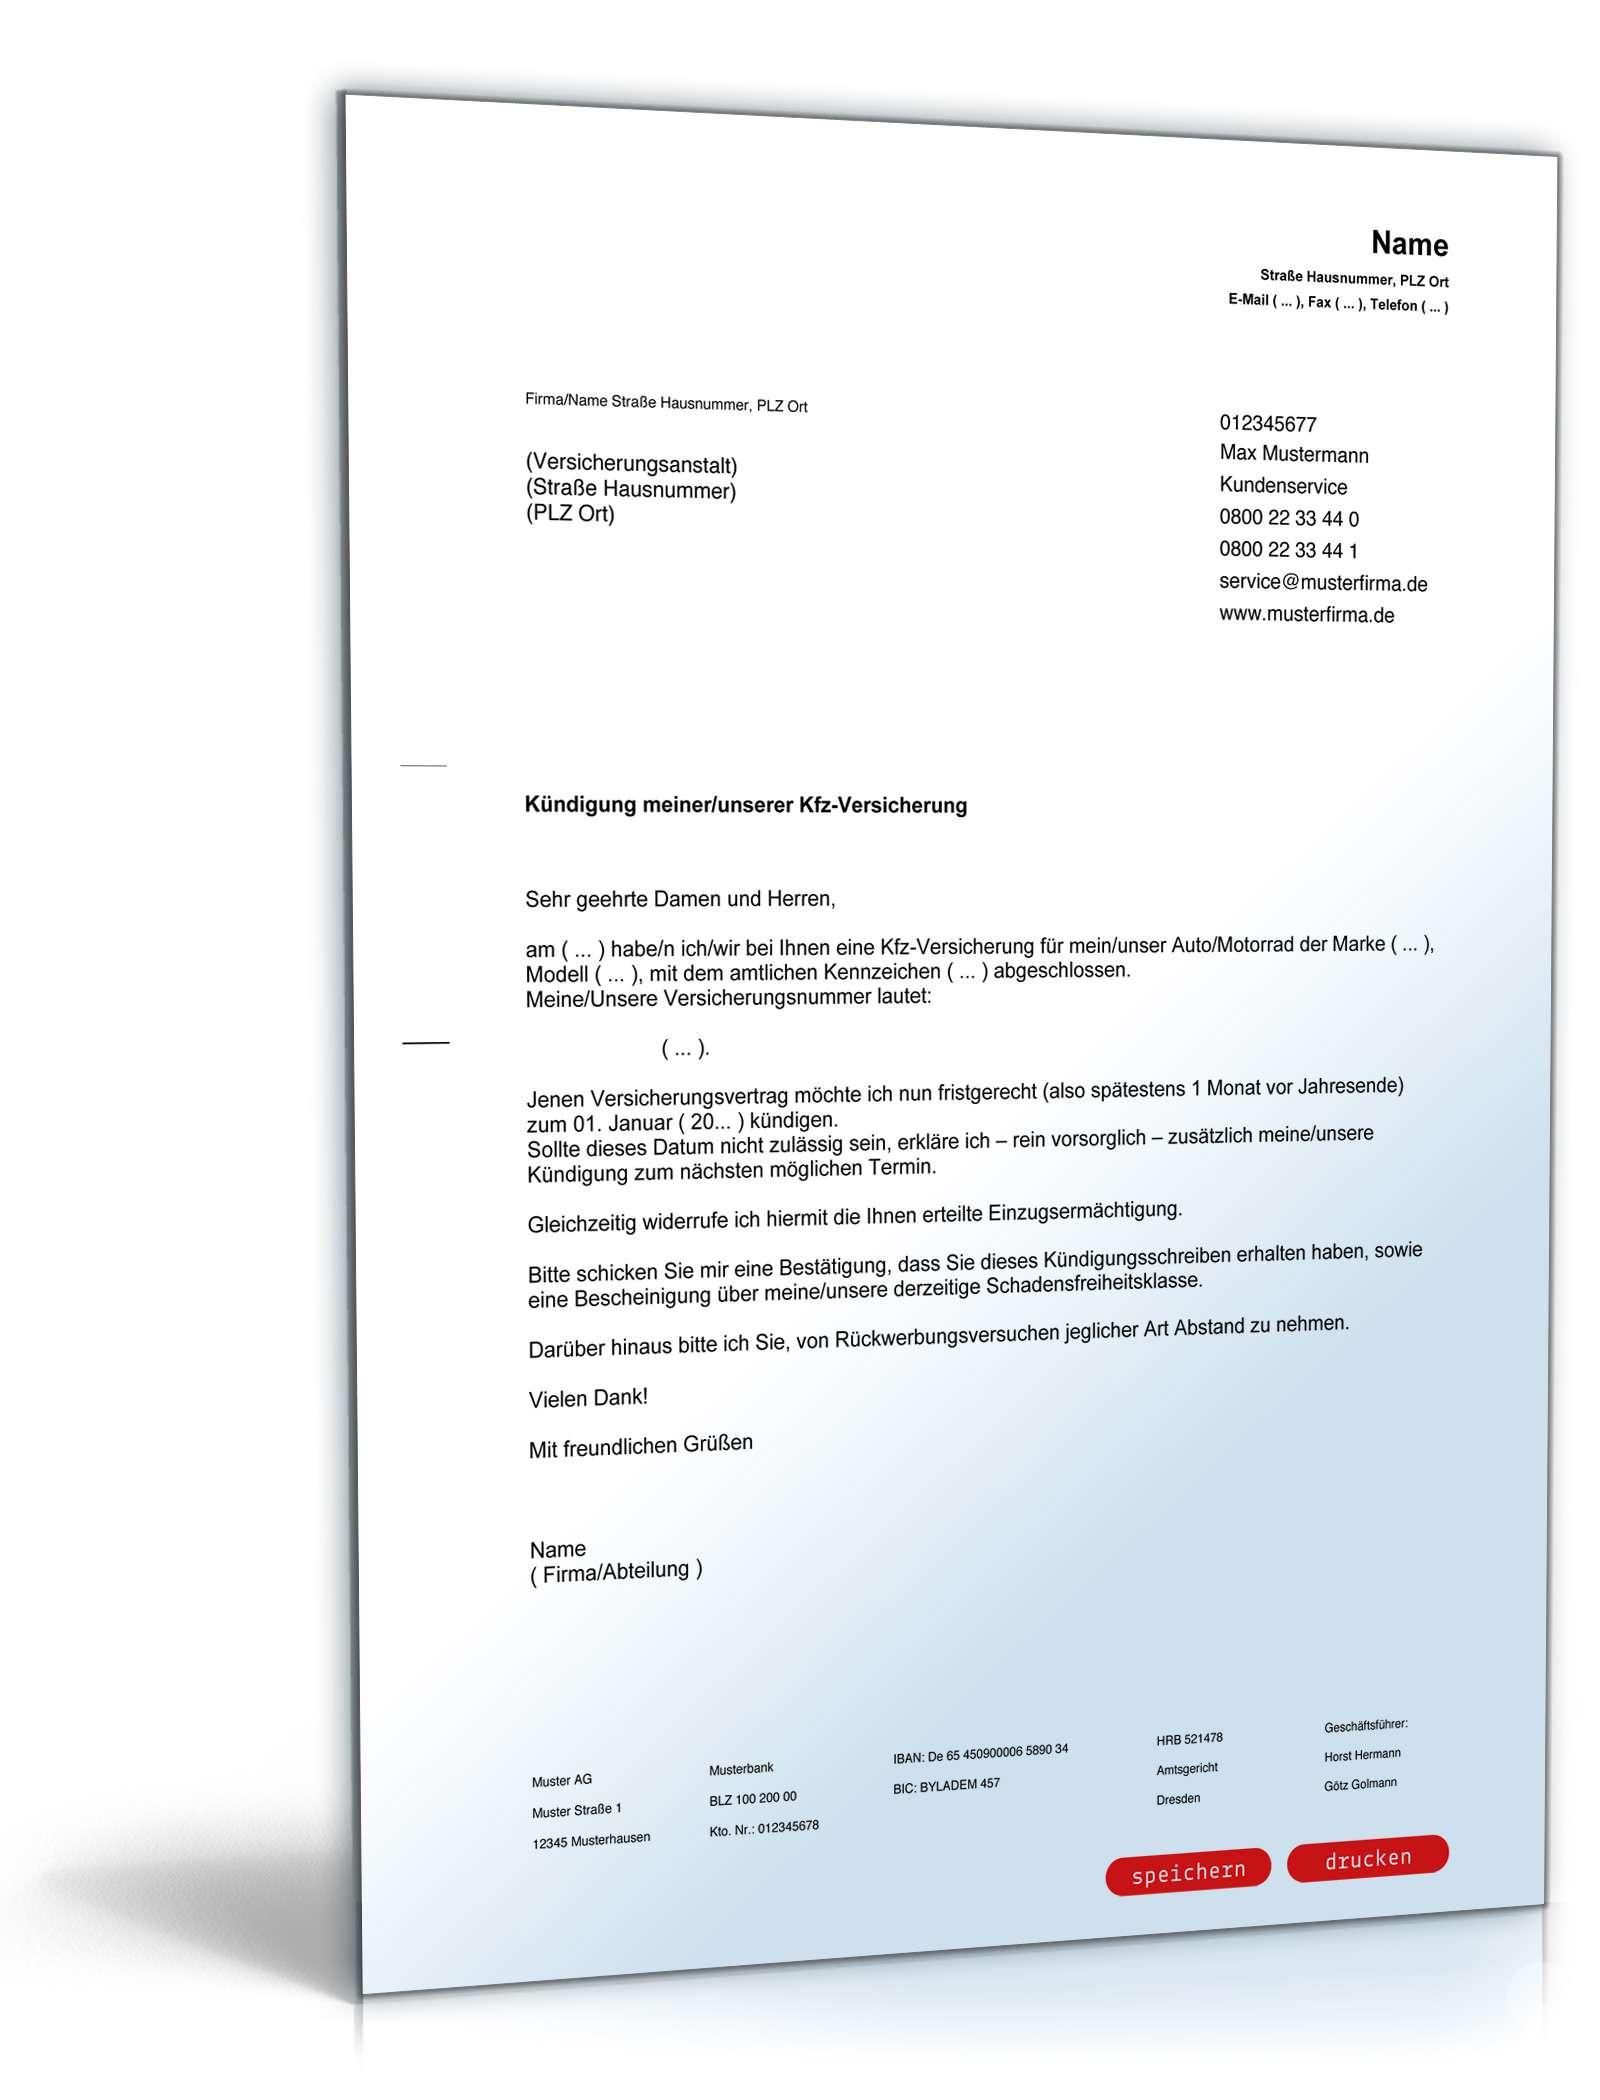 Kündigung Der Kfz Versicherung Muster Zum Download